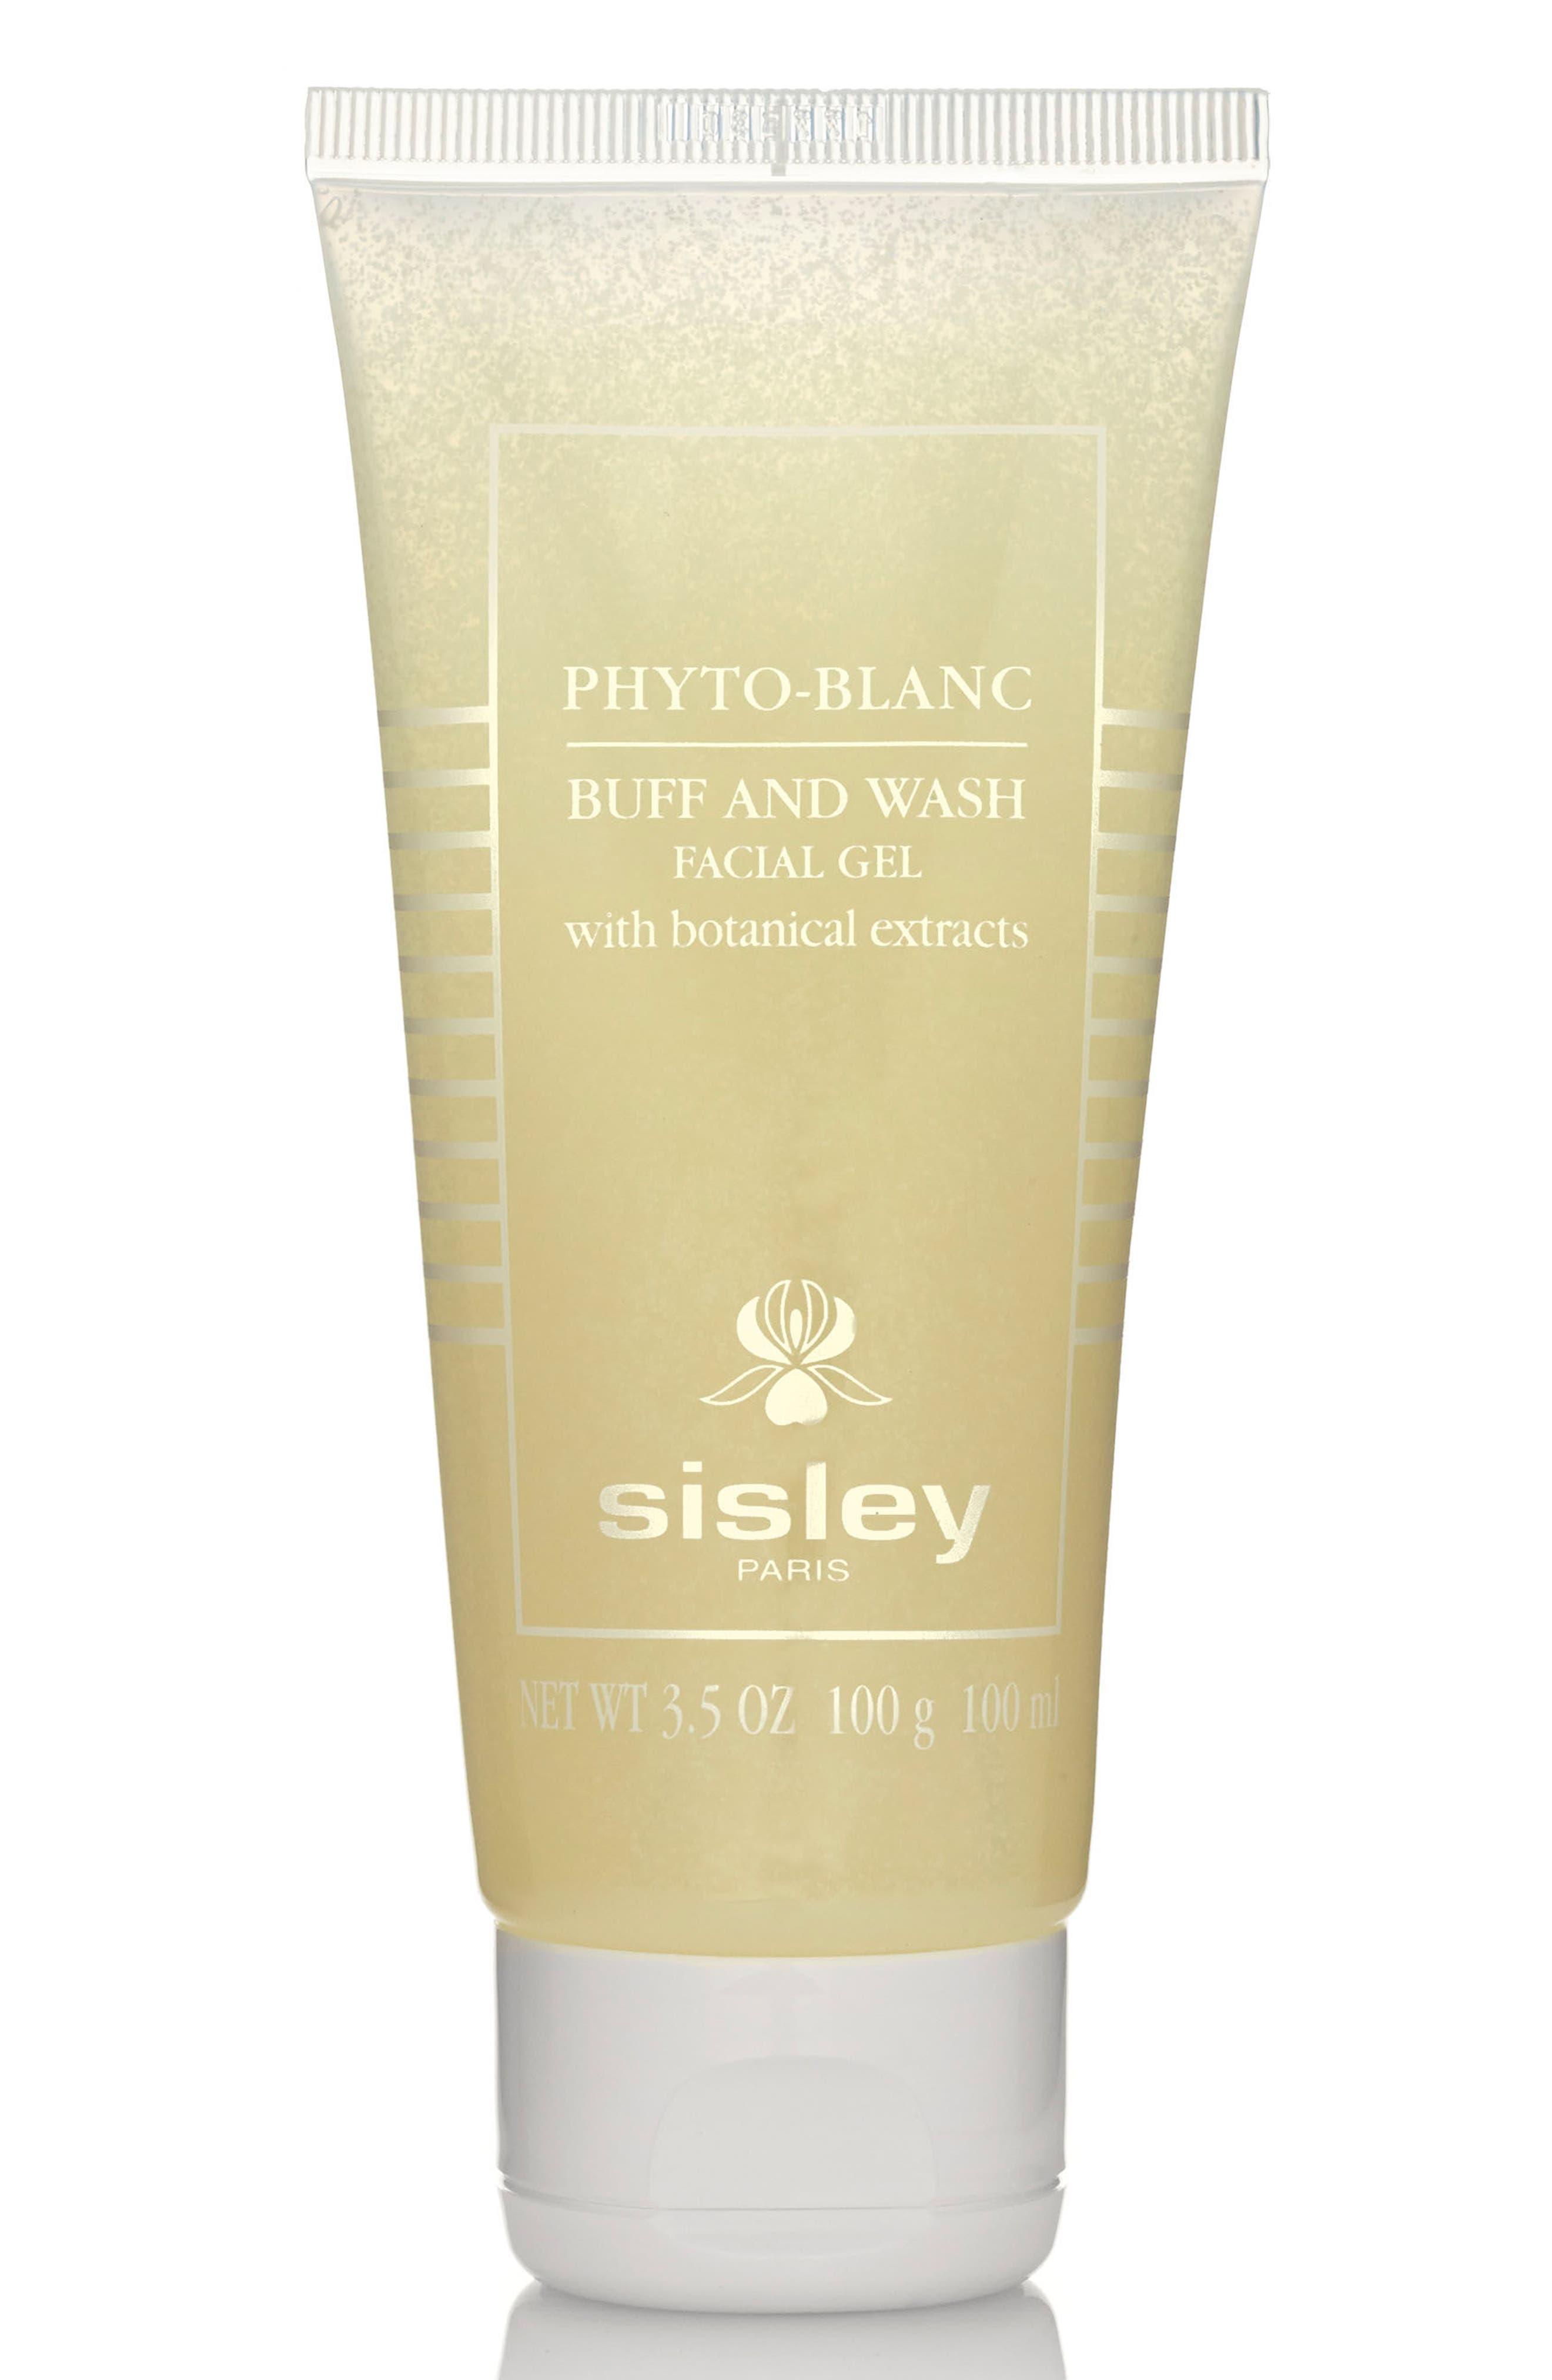 Phyto-Blanc Buff and Wash Facial Gel,                             Main thumbnail 1, color,                             NO COLOR